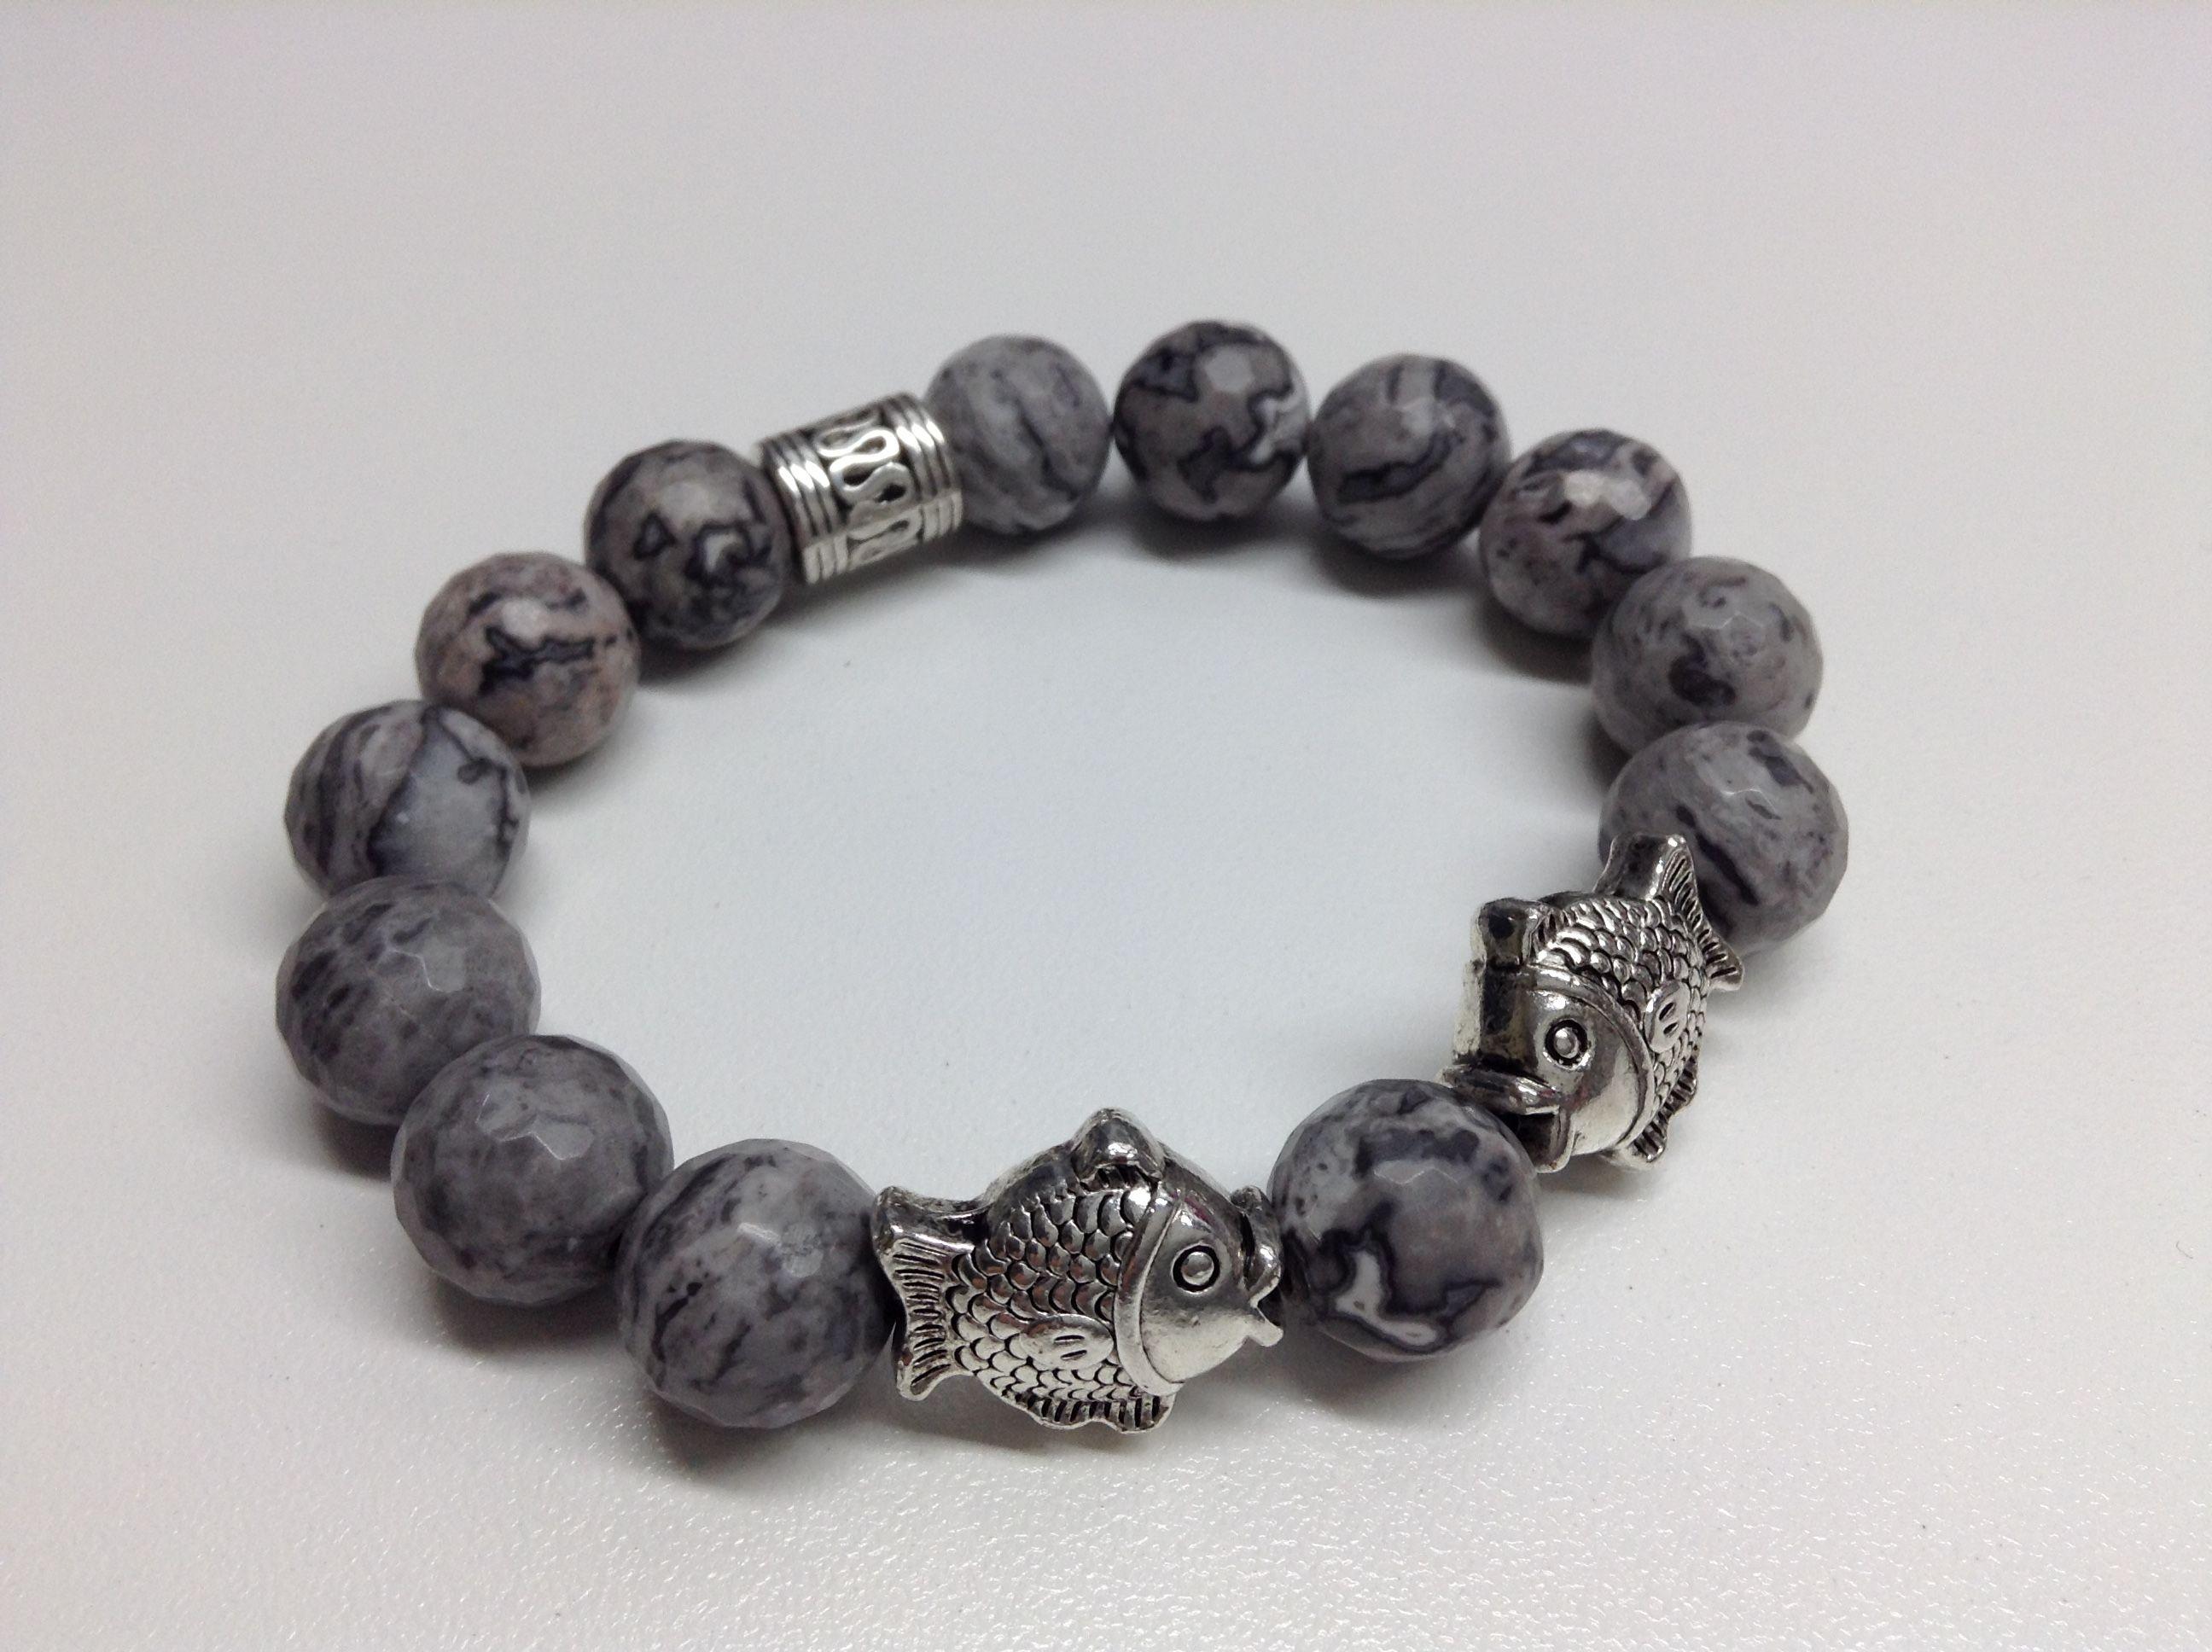 Bracelet #559 Bracelet fait de jaspe gris, poissons et billes de métal anti-ternissement monté sur un élastique.  Grandeur 7 pouces (18 cm):  -Jaspe gris de 10 mm - Poisson de méta anti-ternissement 14 mm x 16 mm -Bille de métal anti-ternissement Fait a la main